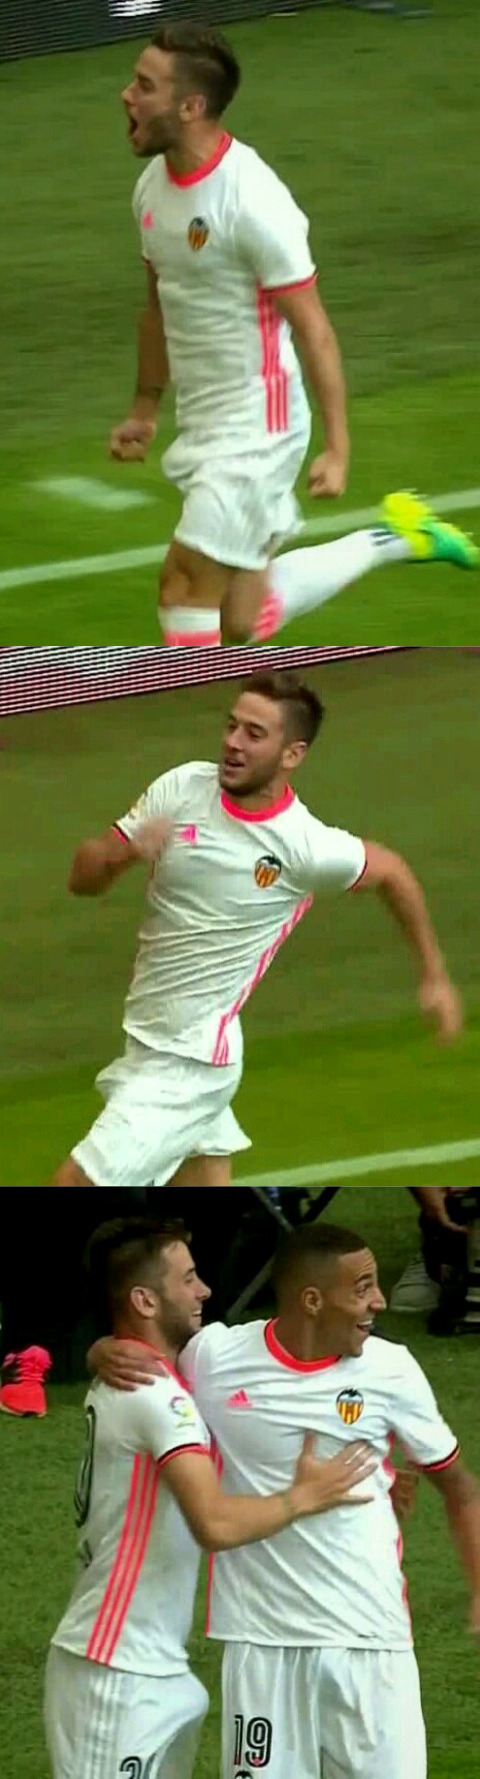 spanish-footballer-alvaro-medran-big-bulging-cock